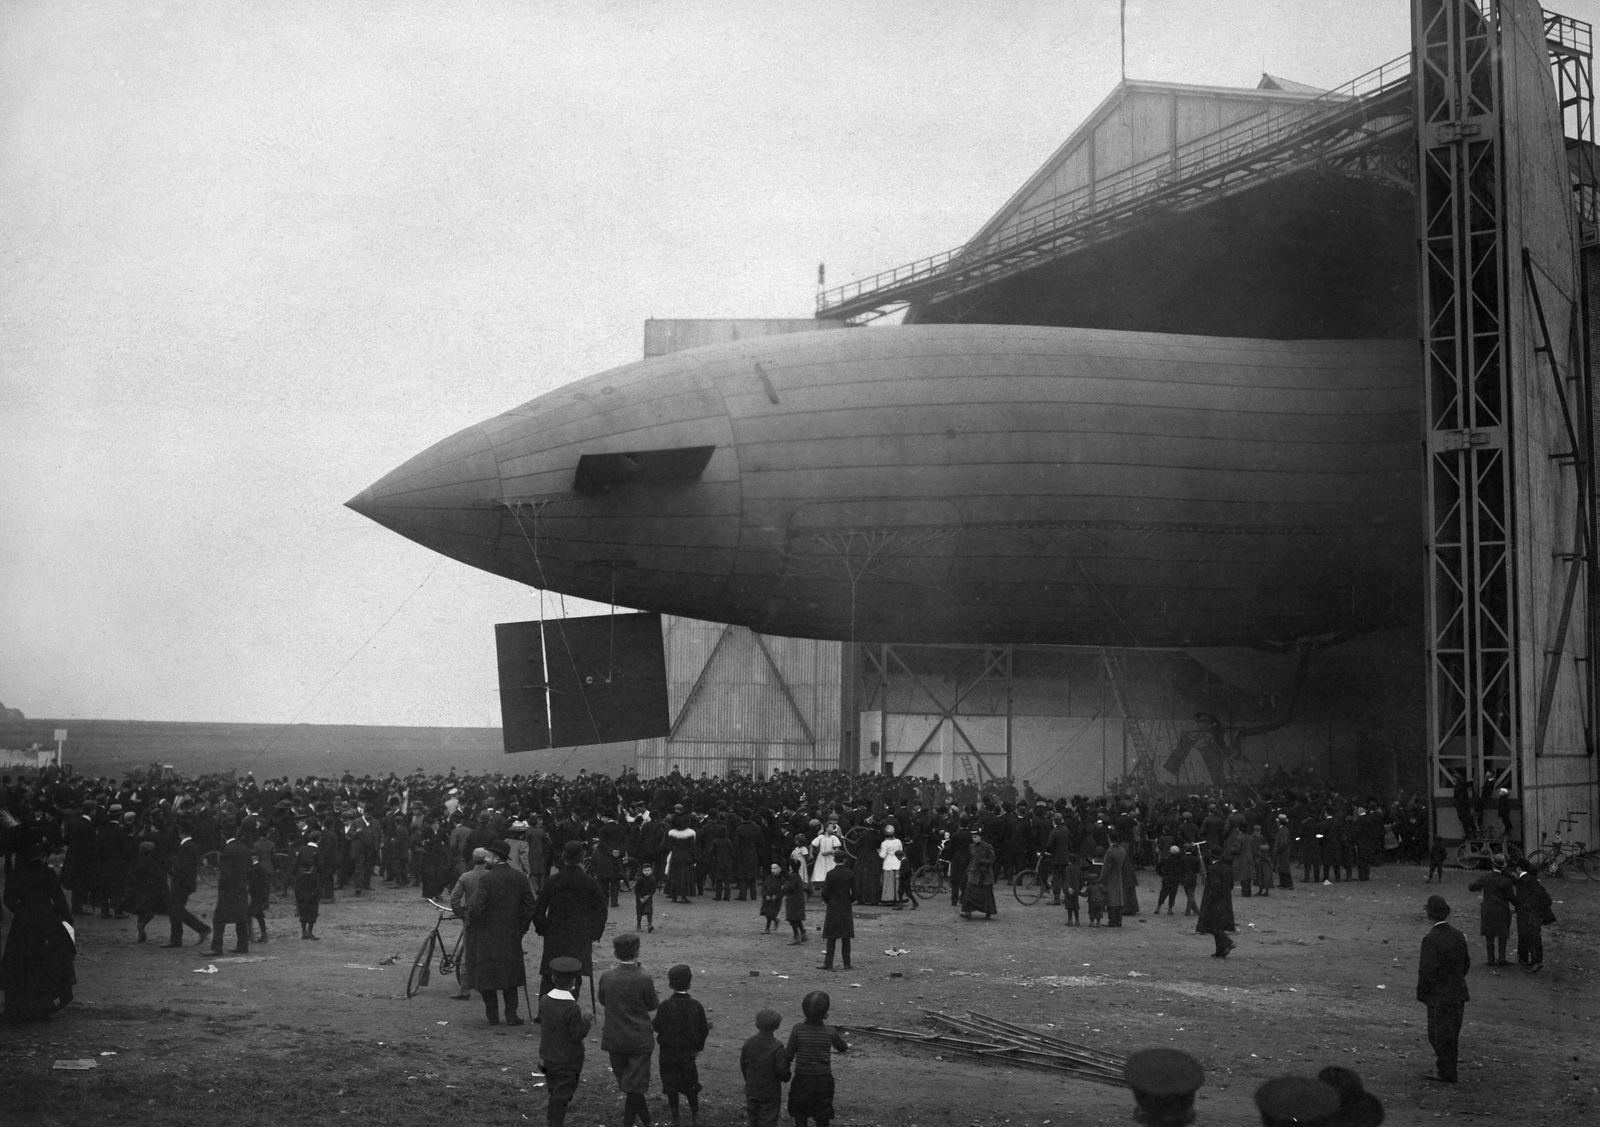 Luftschiff 'Parseval' PL1, Jungfernfahrt am 21.September 1909: Schaulustige begleiten das Luftschiff beim Verlassen des Hangars.